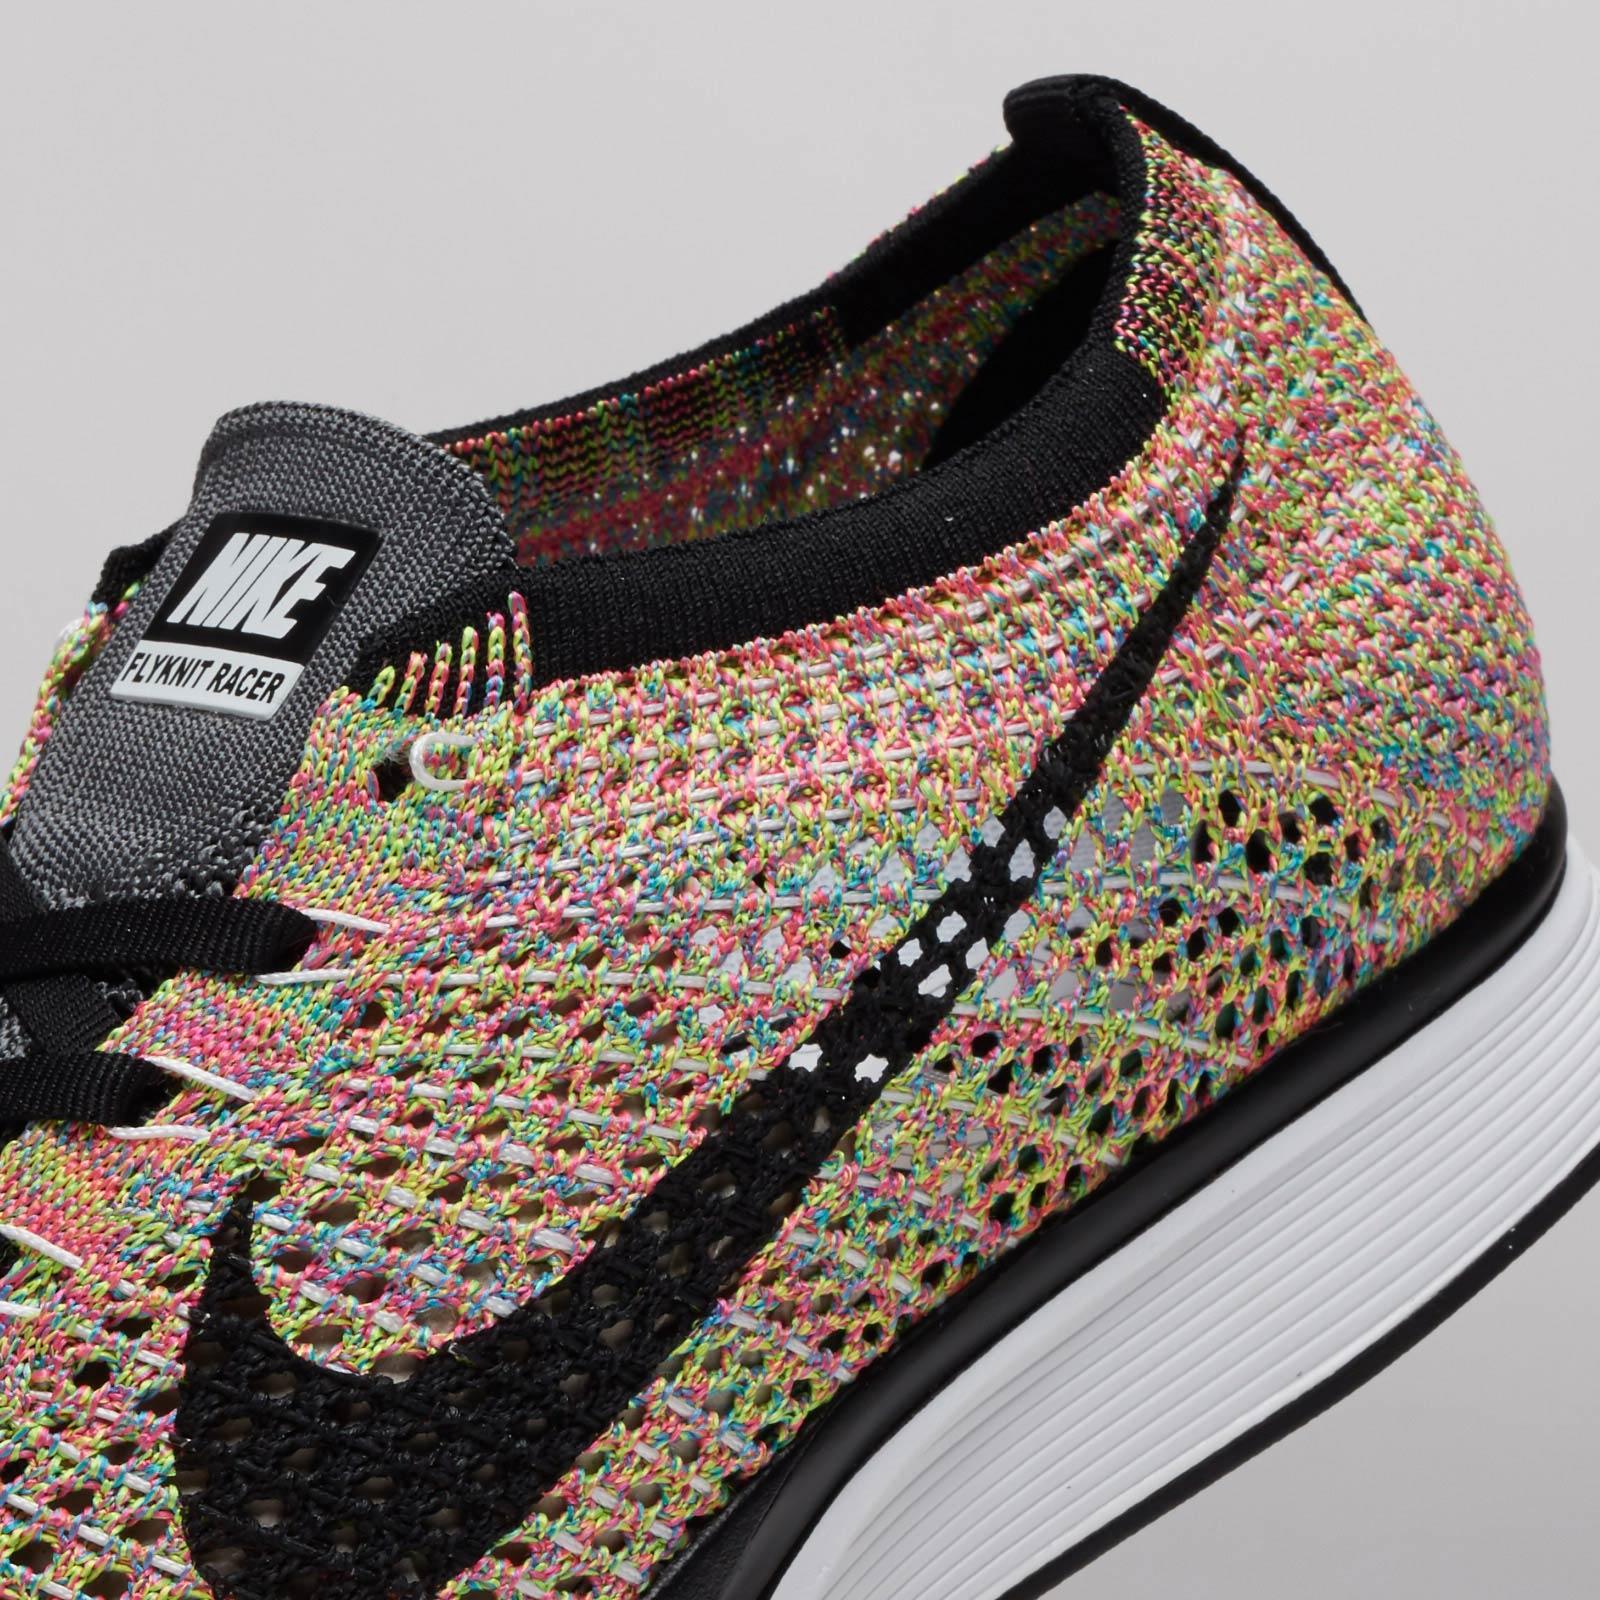 informal Tío o señor itálico  Nike Flyknit Racer - 526628-004 - Sneakersnstuff | sneakers & streetwear  online since 1999